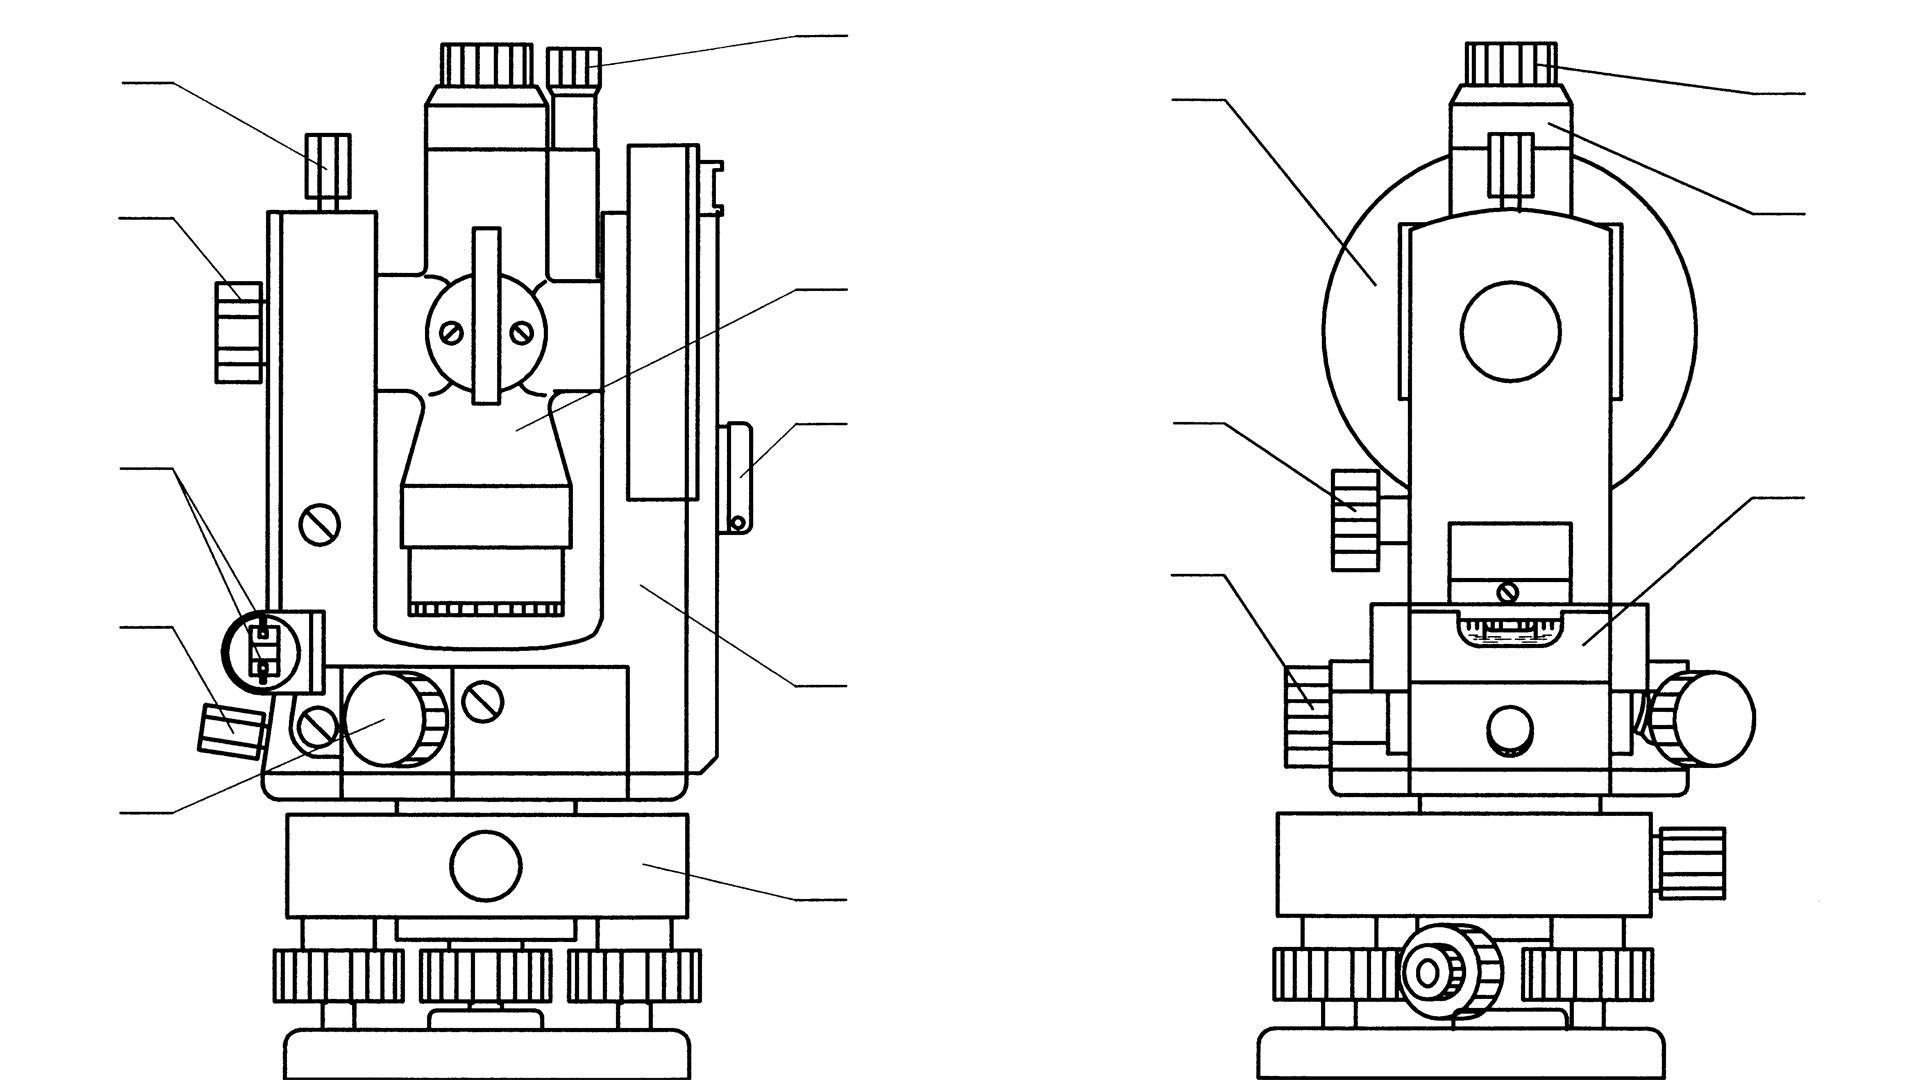 Нивелир и теодолит: что это такое и в чем разница между инструментами, как произвести точные измерения углов